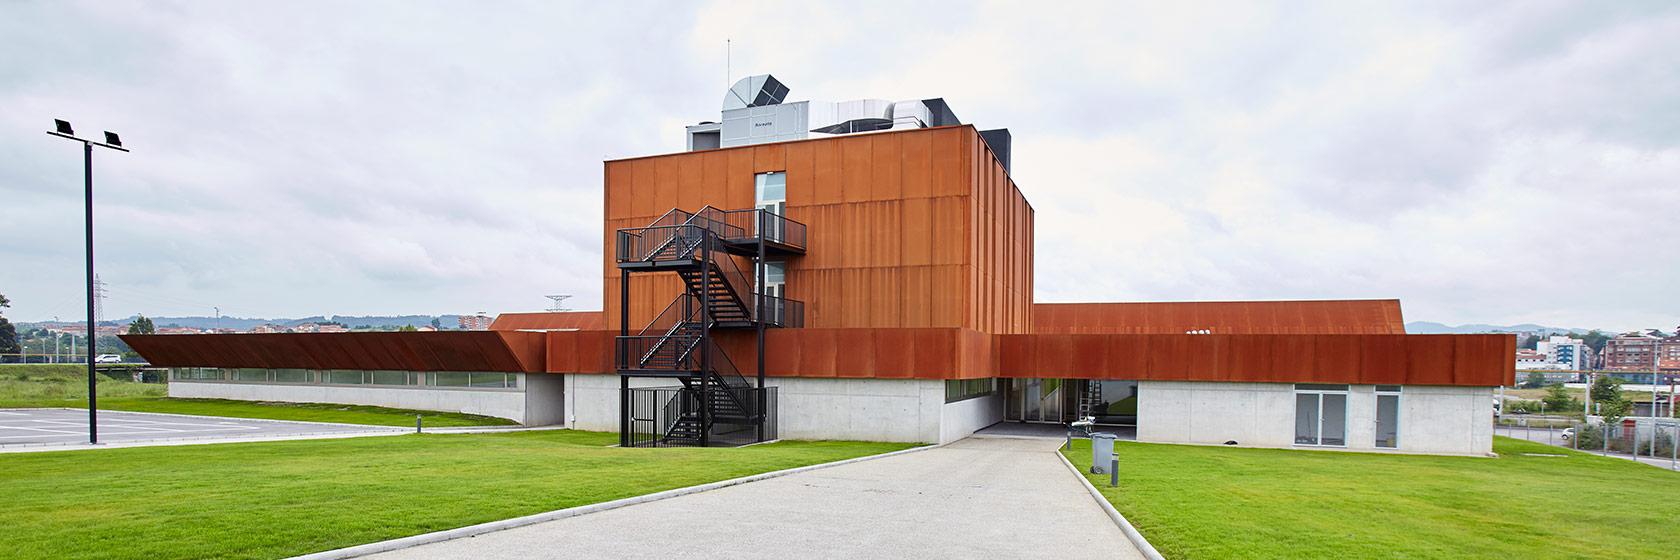 Vista de la nueva sede de la Escuela Superior de Arte del Principado de Asturias para los estudios de Conservación y Restauración de Bienes Culturales